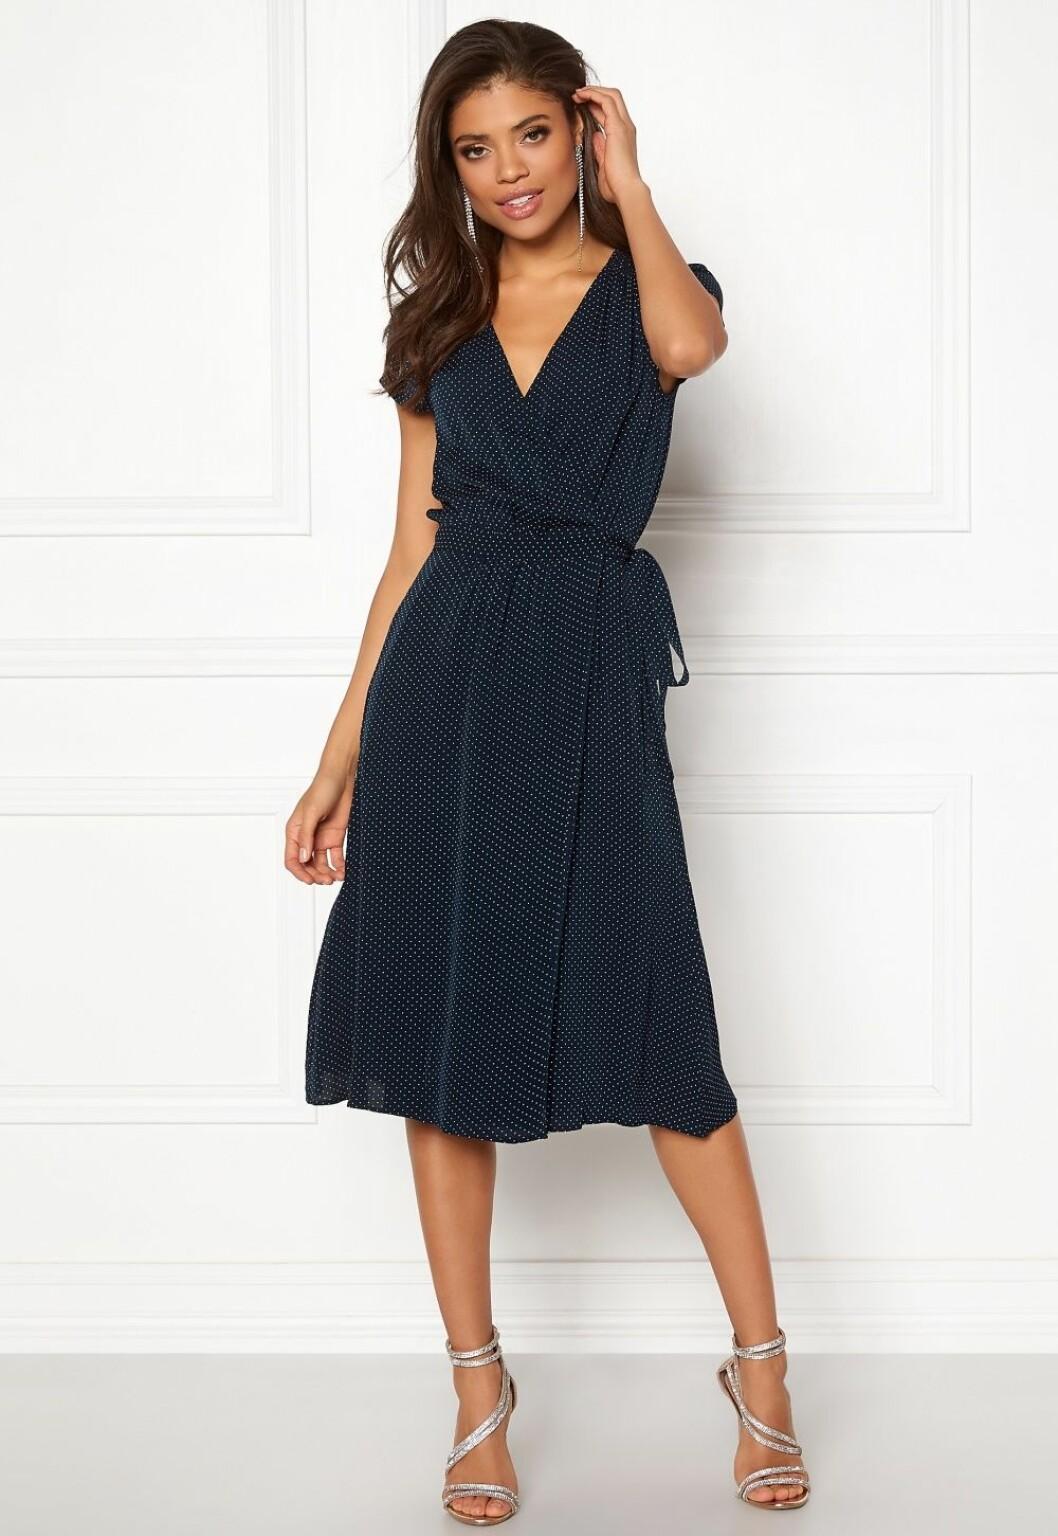 Blå klänning i omlottmodell som passar till bröllop